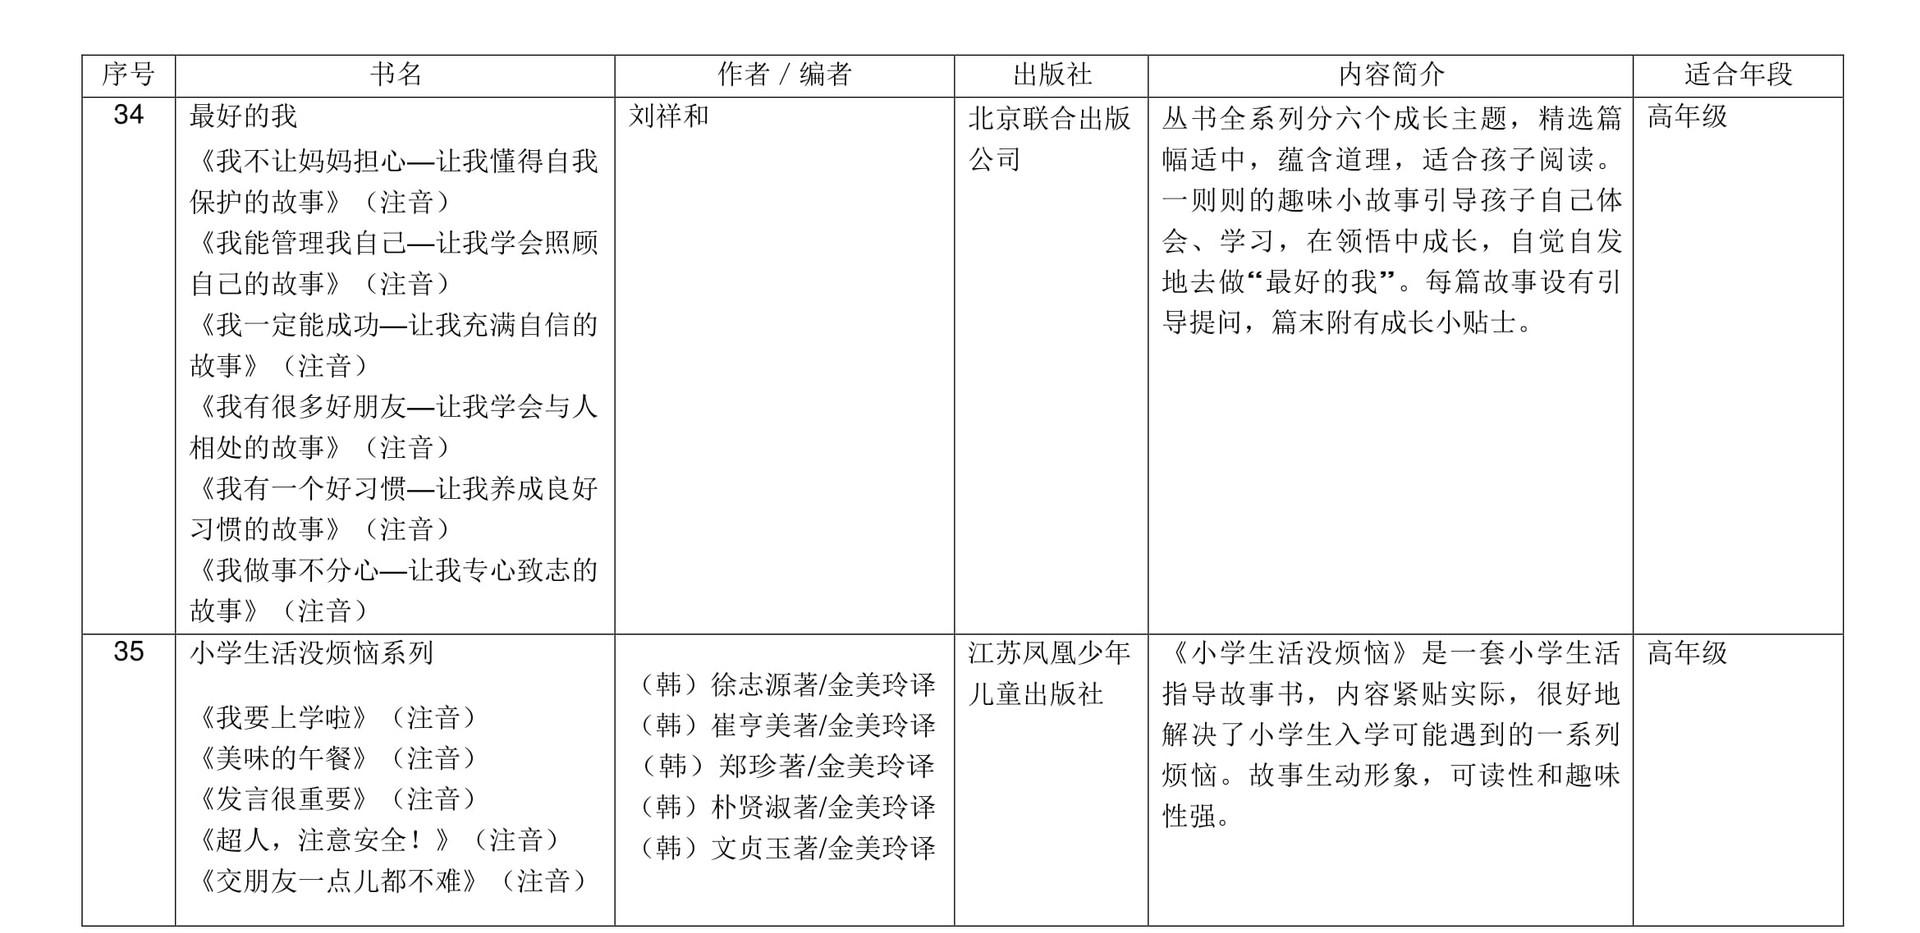 小学华文课外读物参考书目12.jpg